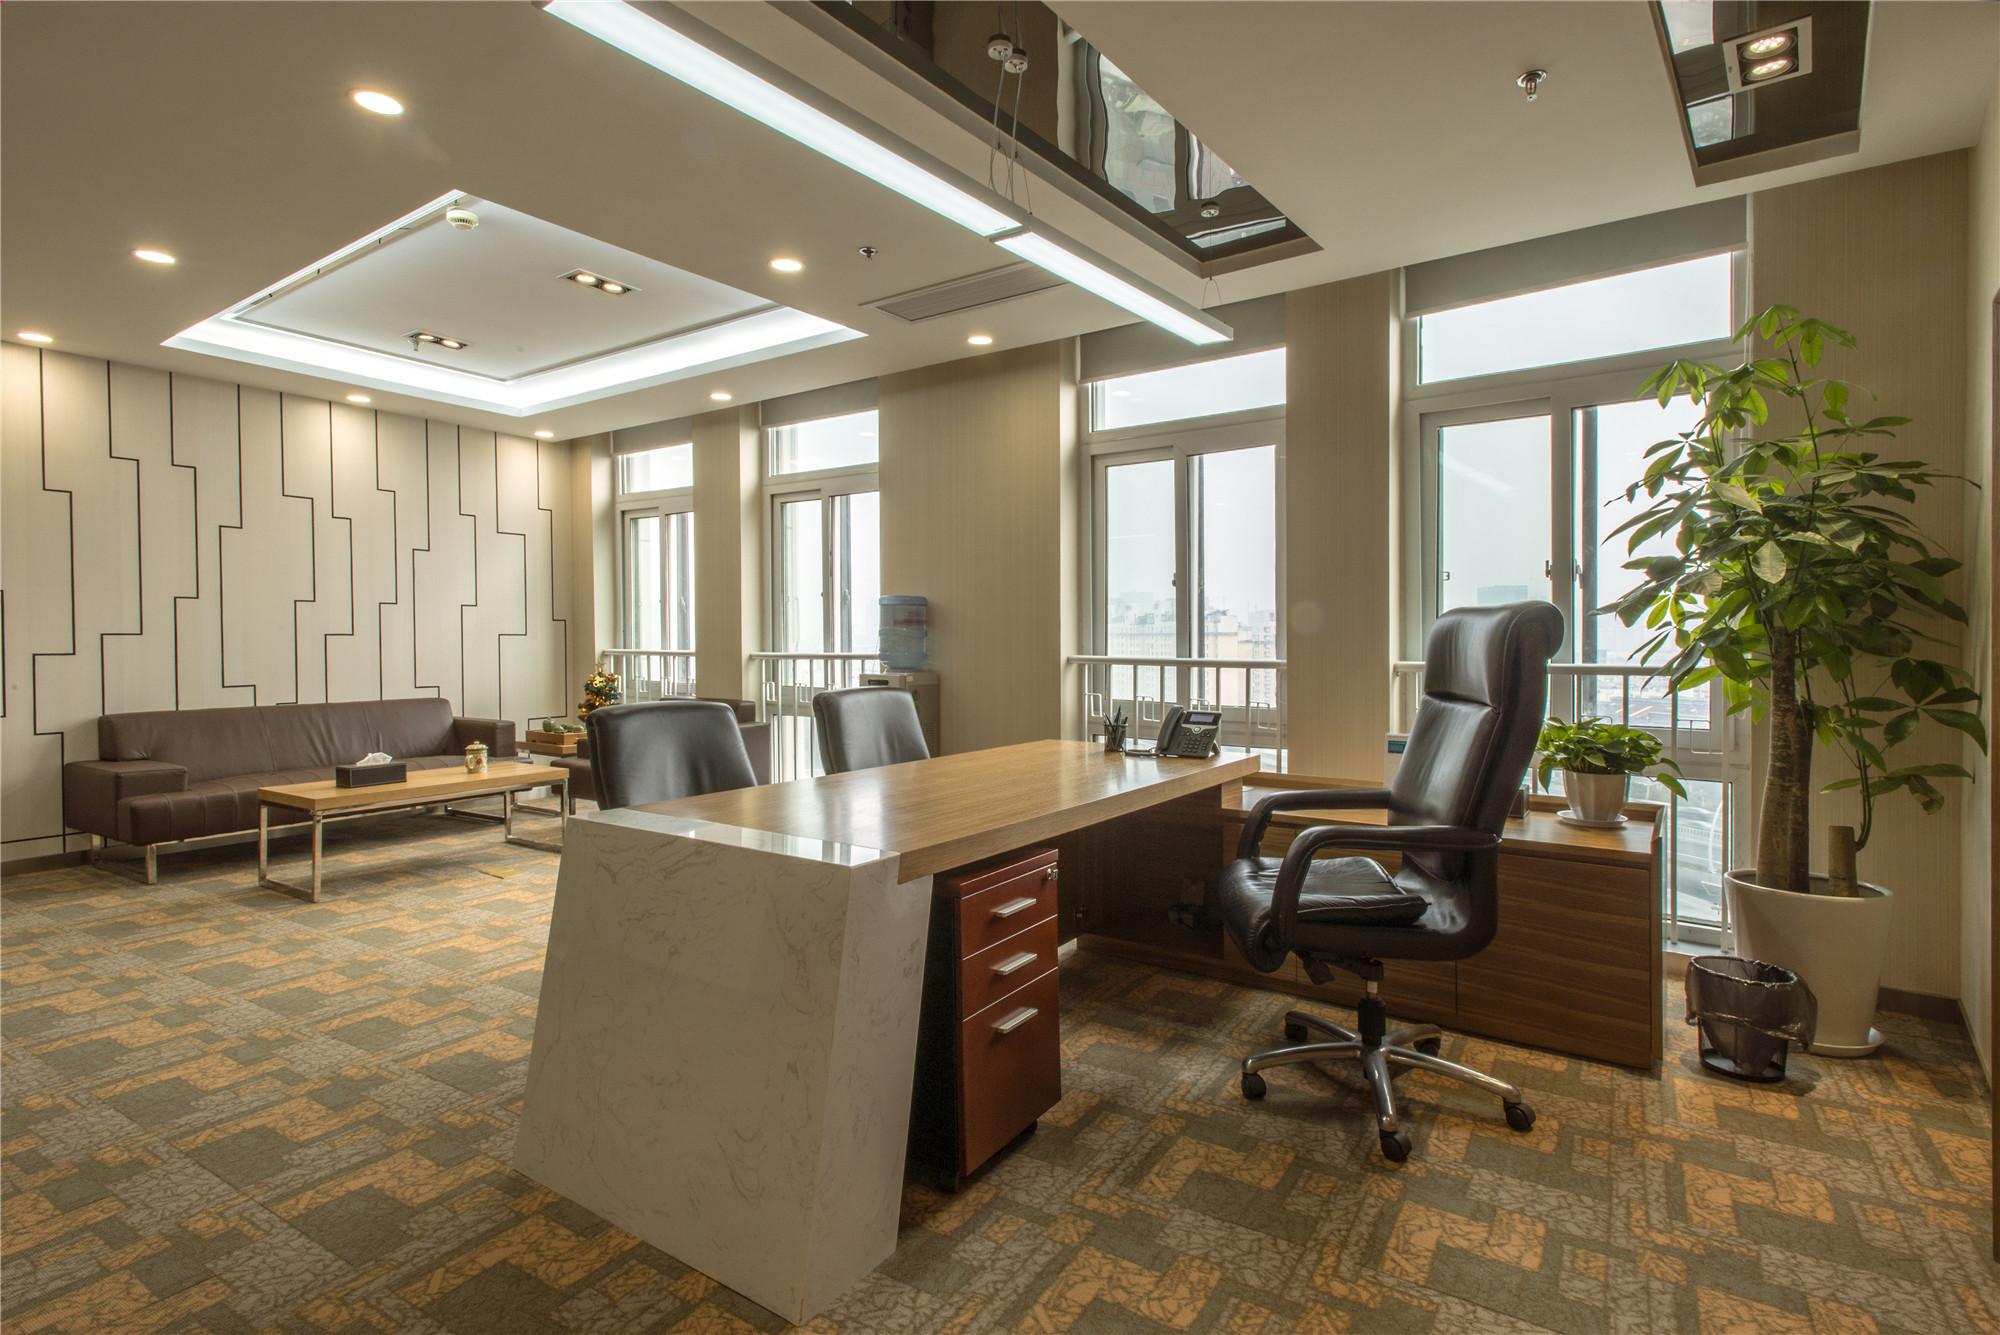 简约风办公室装修总裁办公区